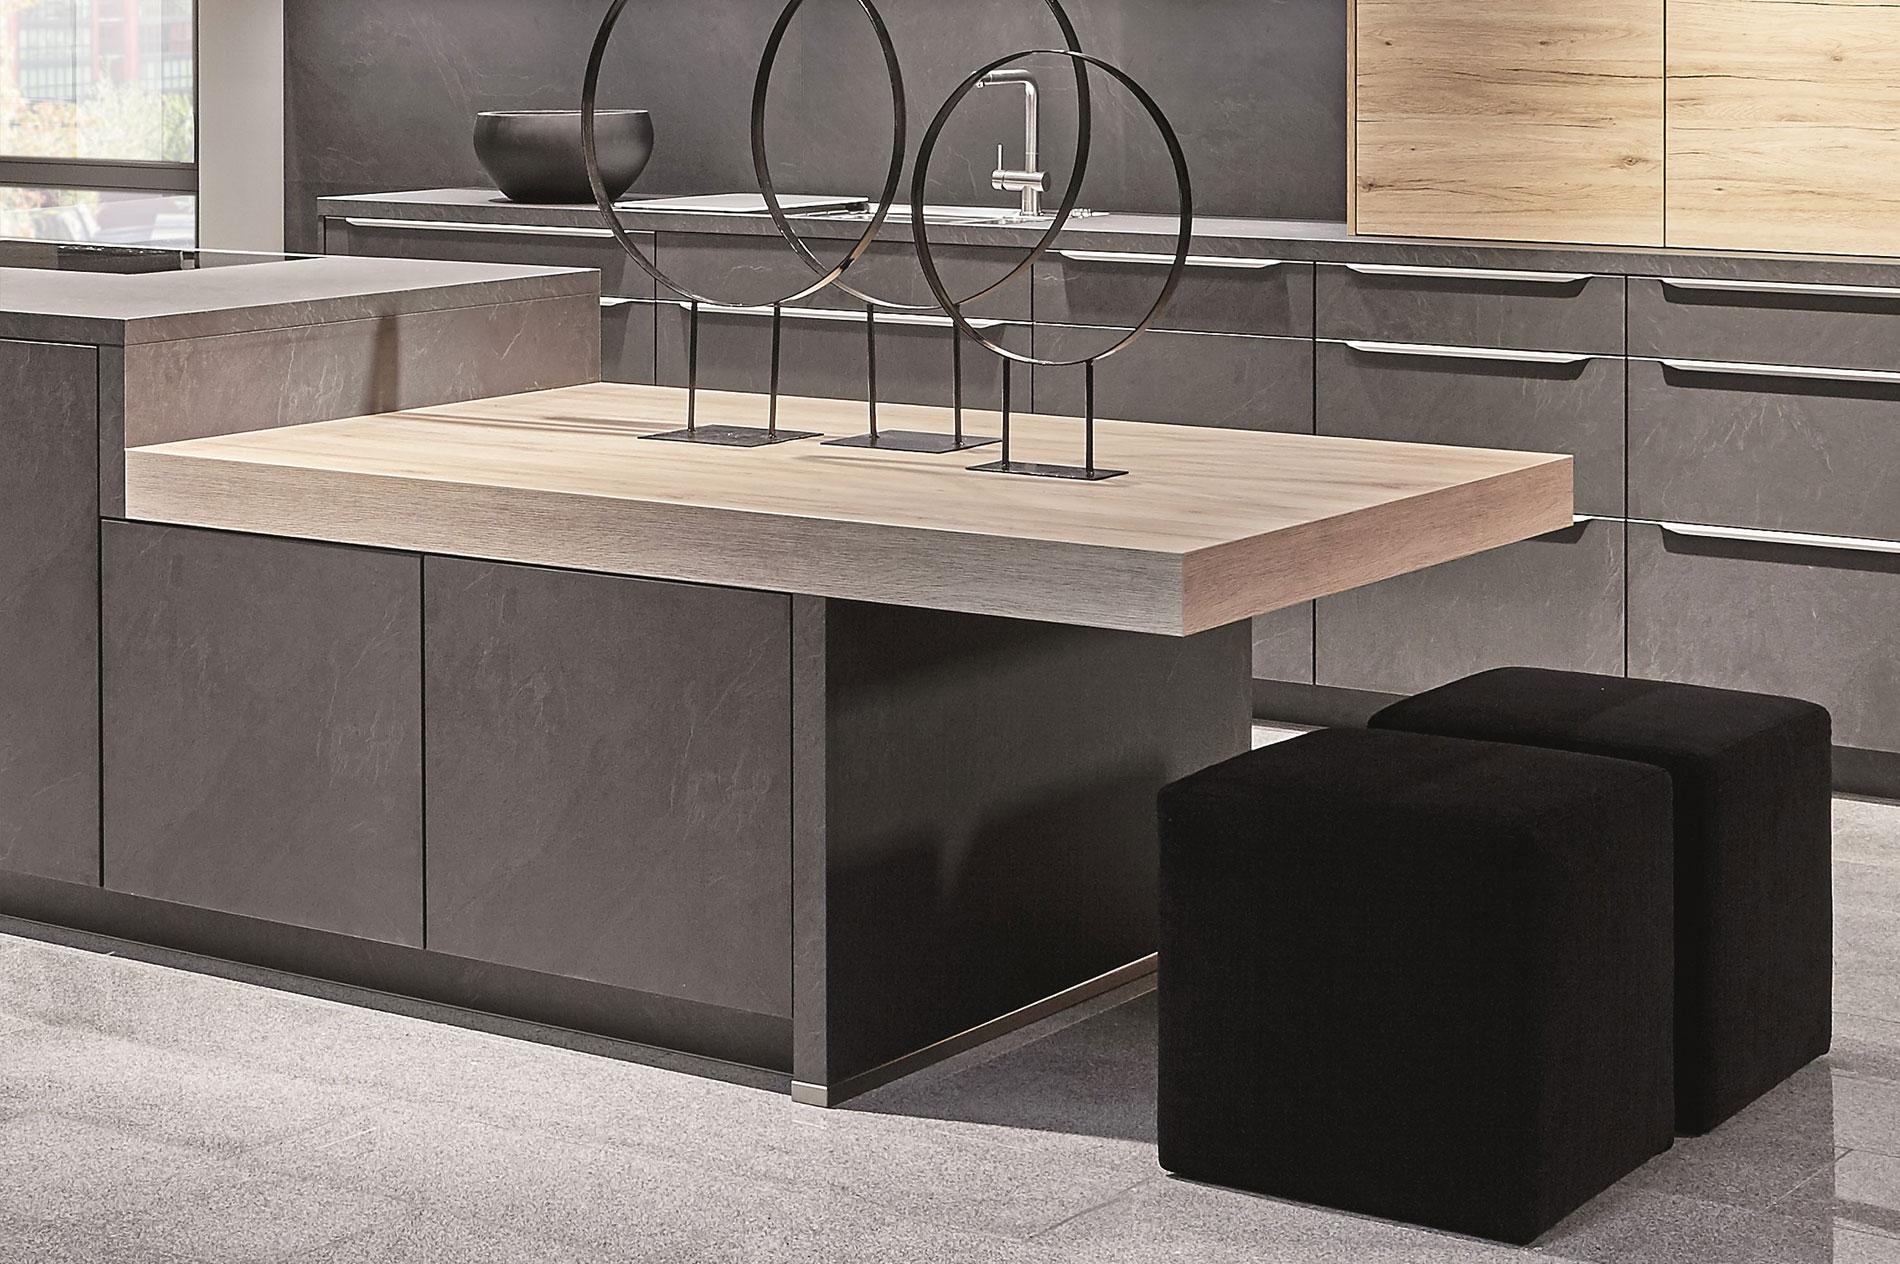 k che ideenr ume. Black Bedroom Furniture Sets. Home Design Ideas